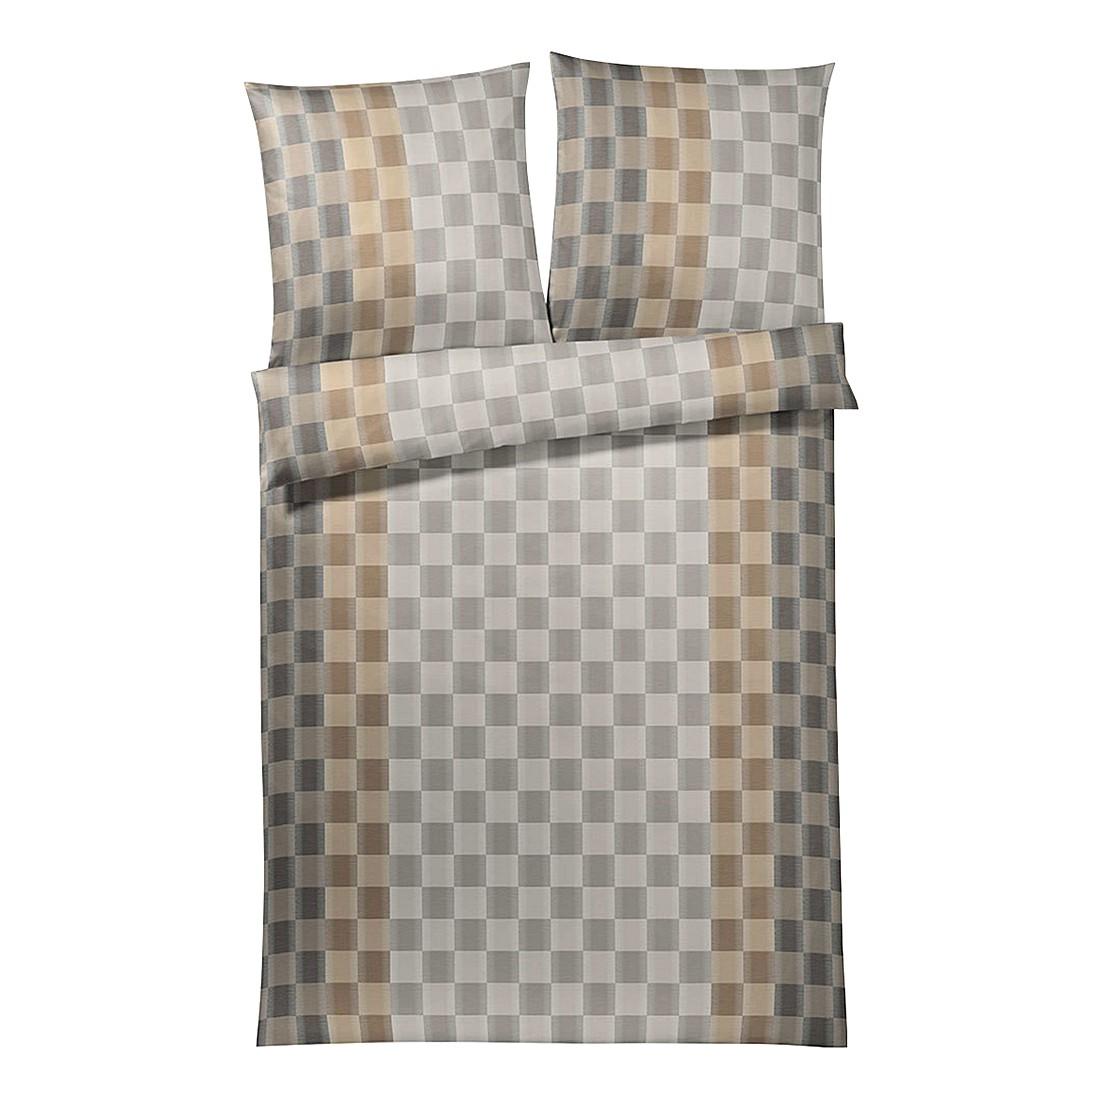 Bettwäsche Terrazo Muskat – Baumwolle – Braun – 135X200 cm + 80X80 cm, elegante bestellen